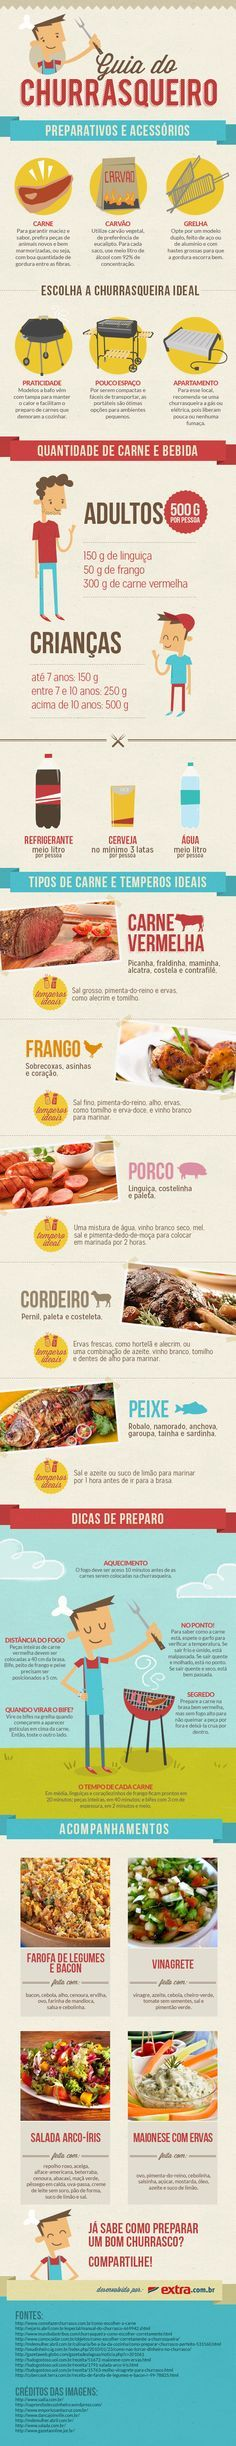 Como temperar a carne? Qual a quantidade de bebida de comida e bebida para os convidados? Conheça nossas dicas e prepare um churrasco perfeito!